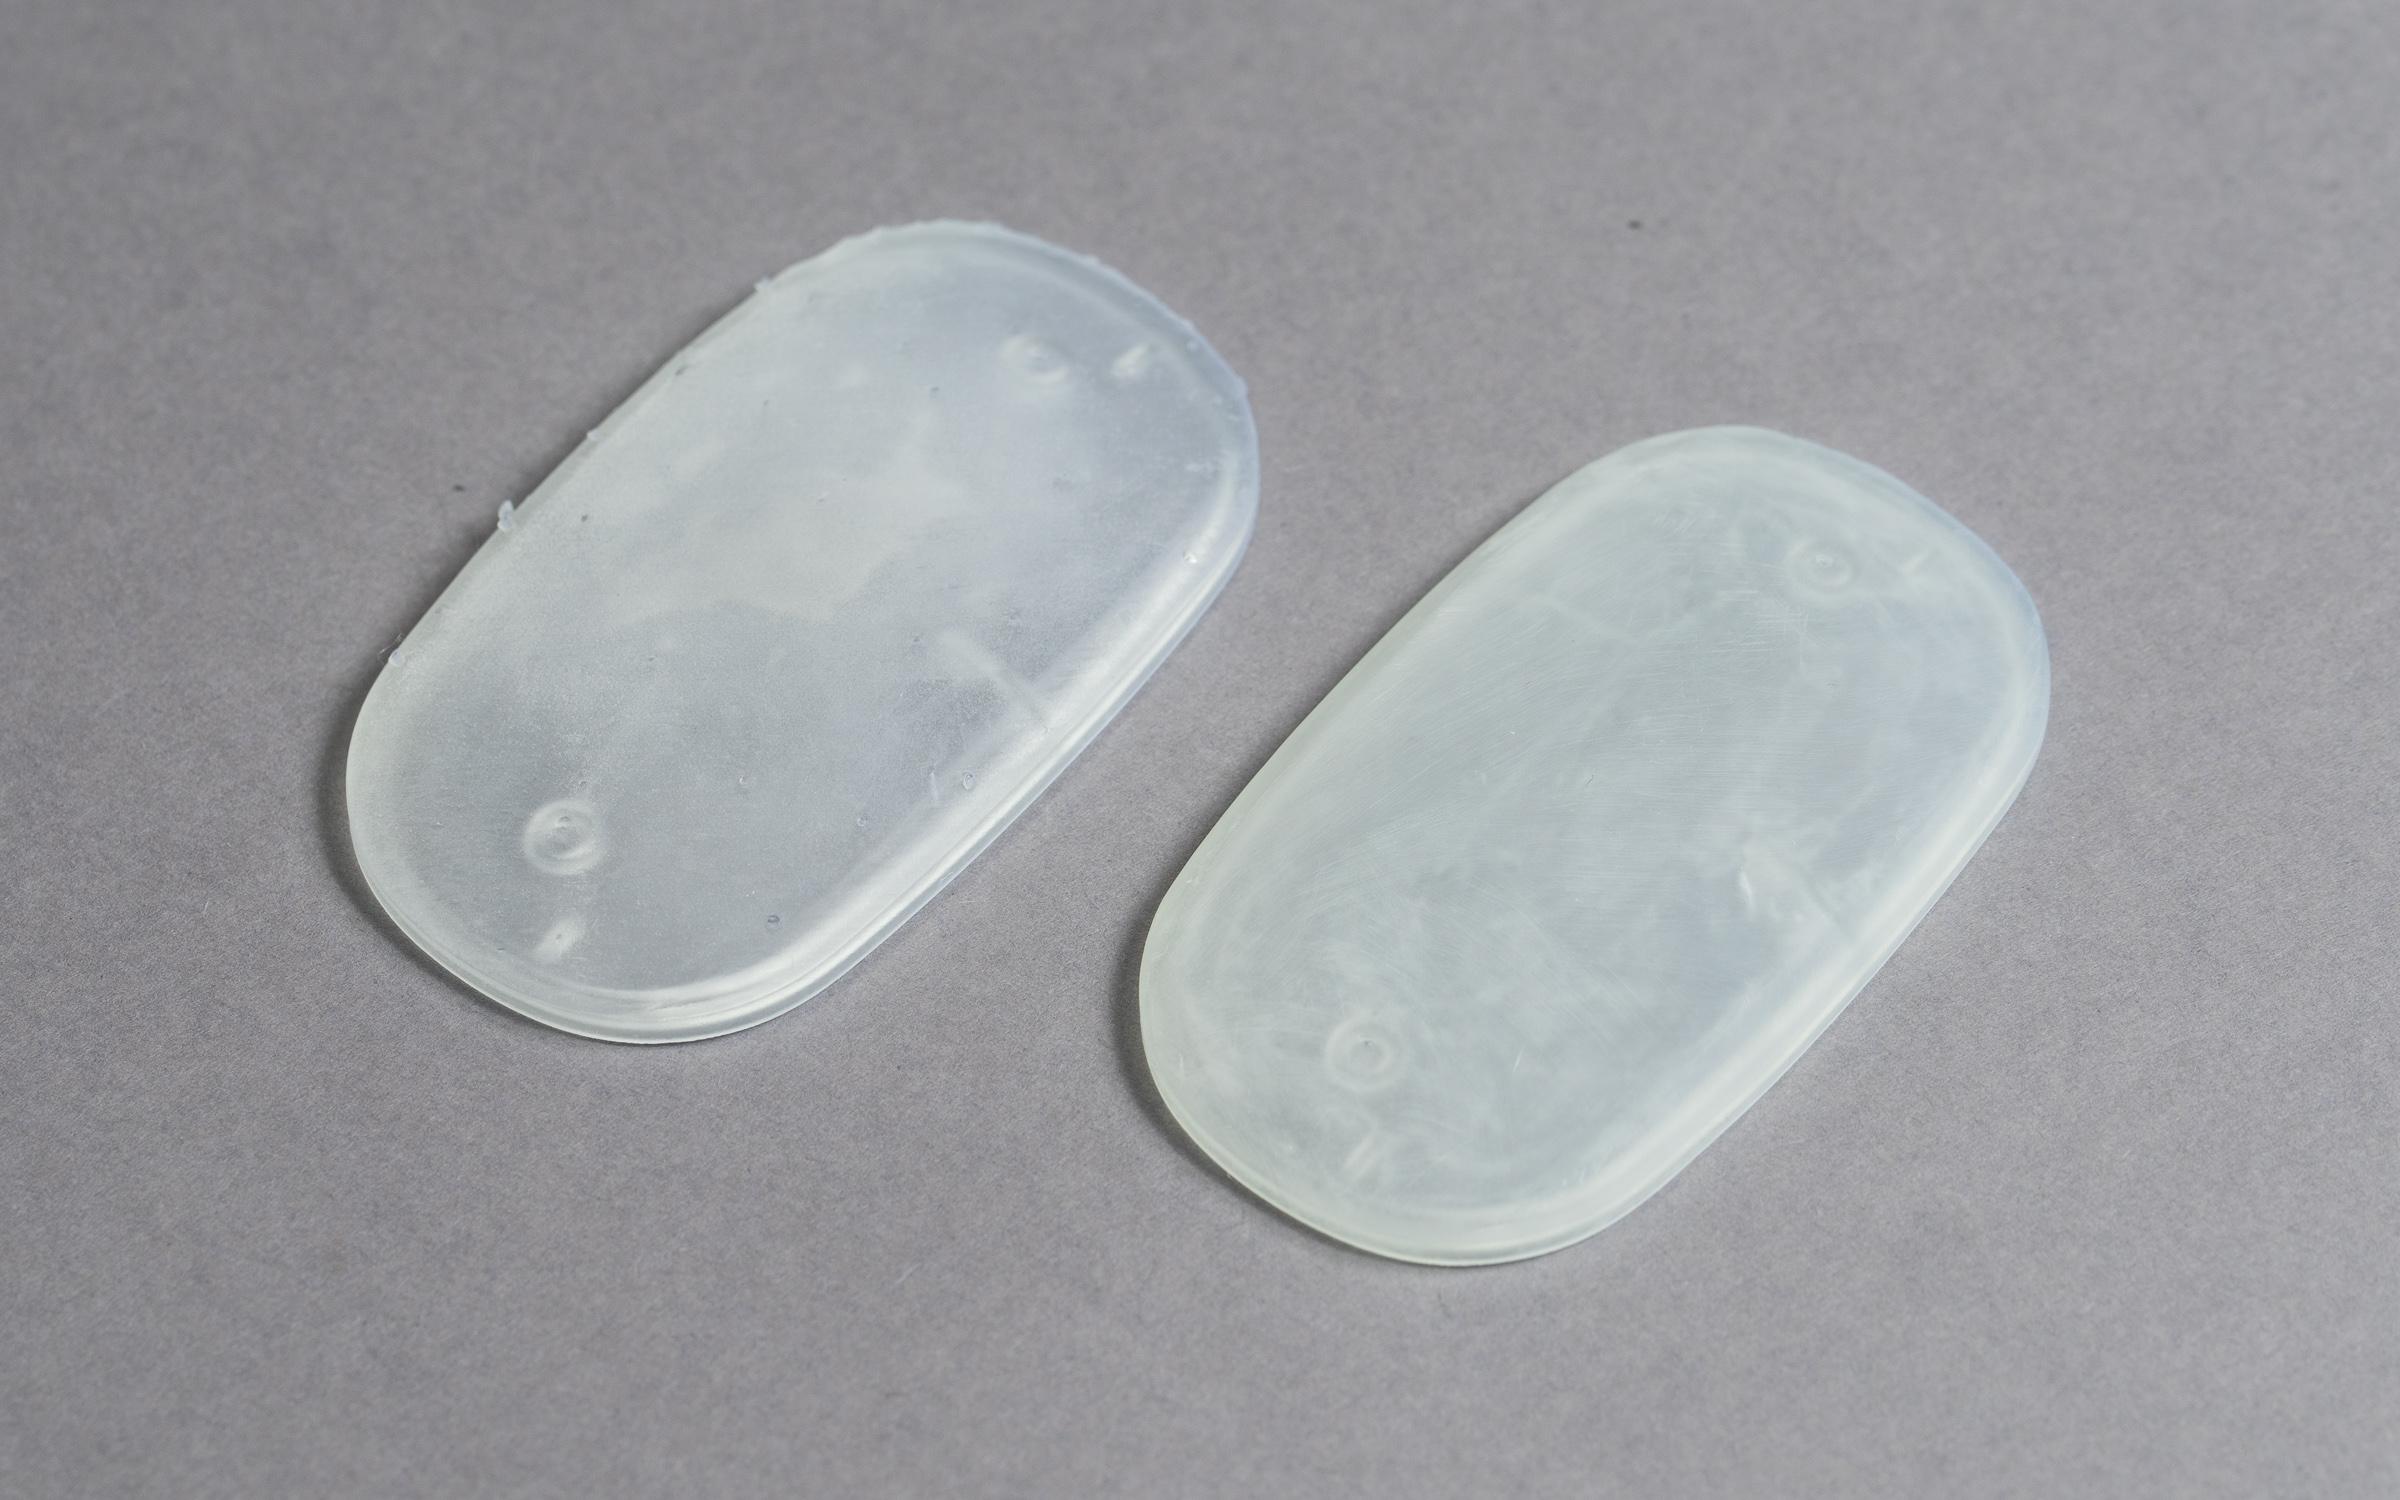 جدا کردن ساپورت ها از قطعه پرینت سه بعدی شده به روش SLA، سمت راست و ساپورت هایی که نوک آن ها سنباده خورده اند سمت چپ.